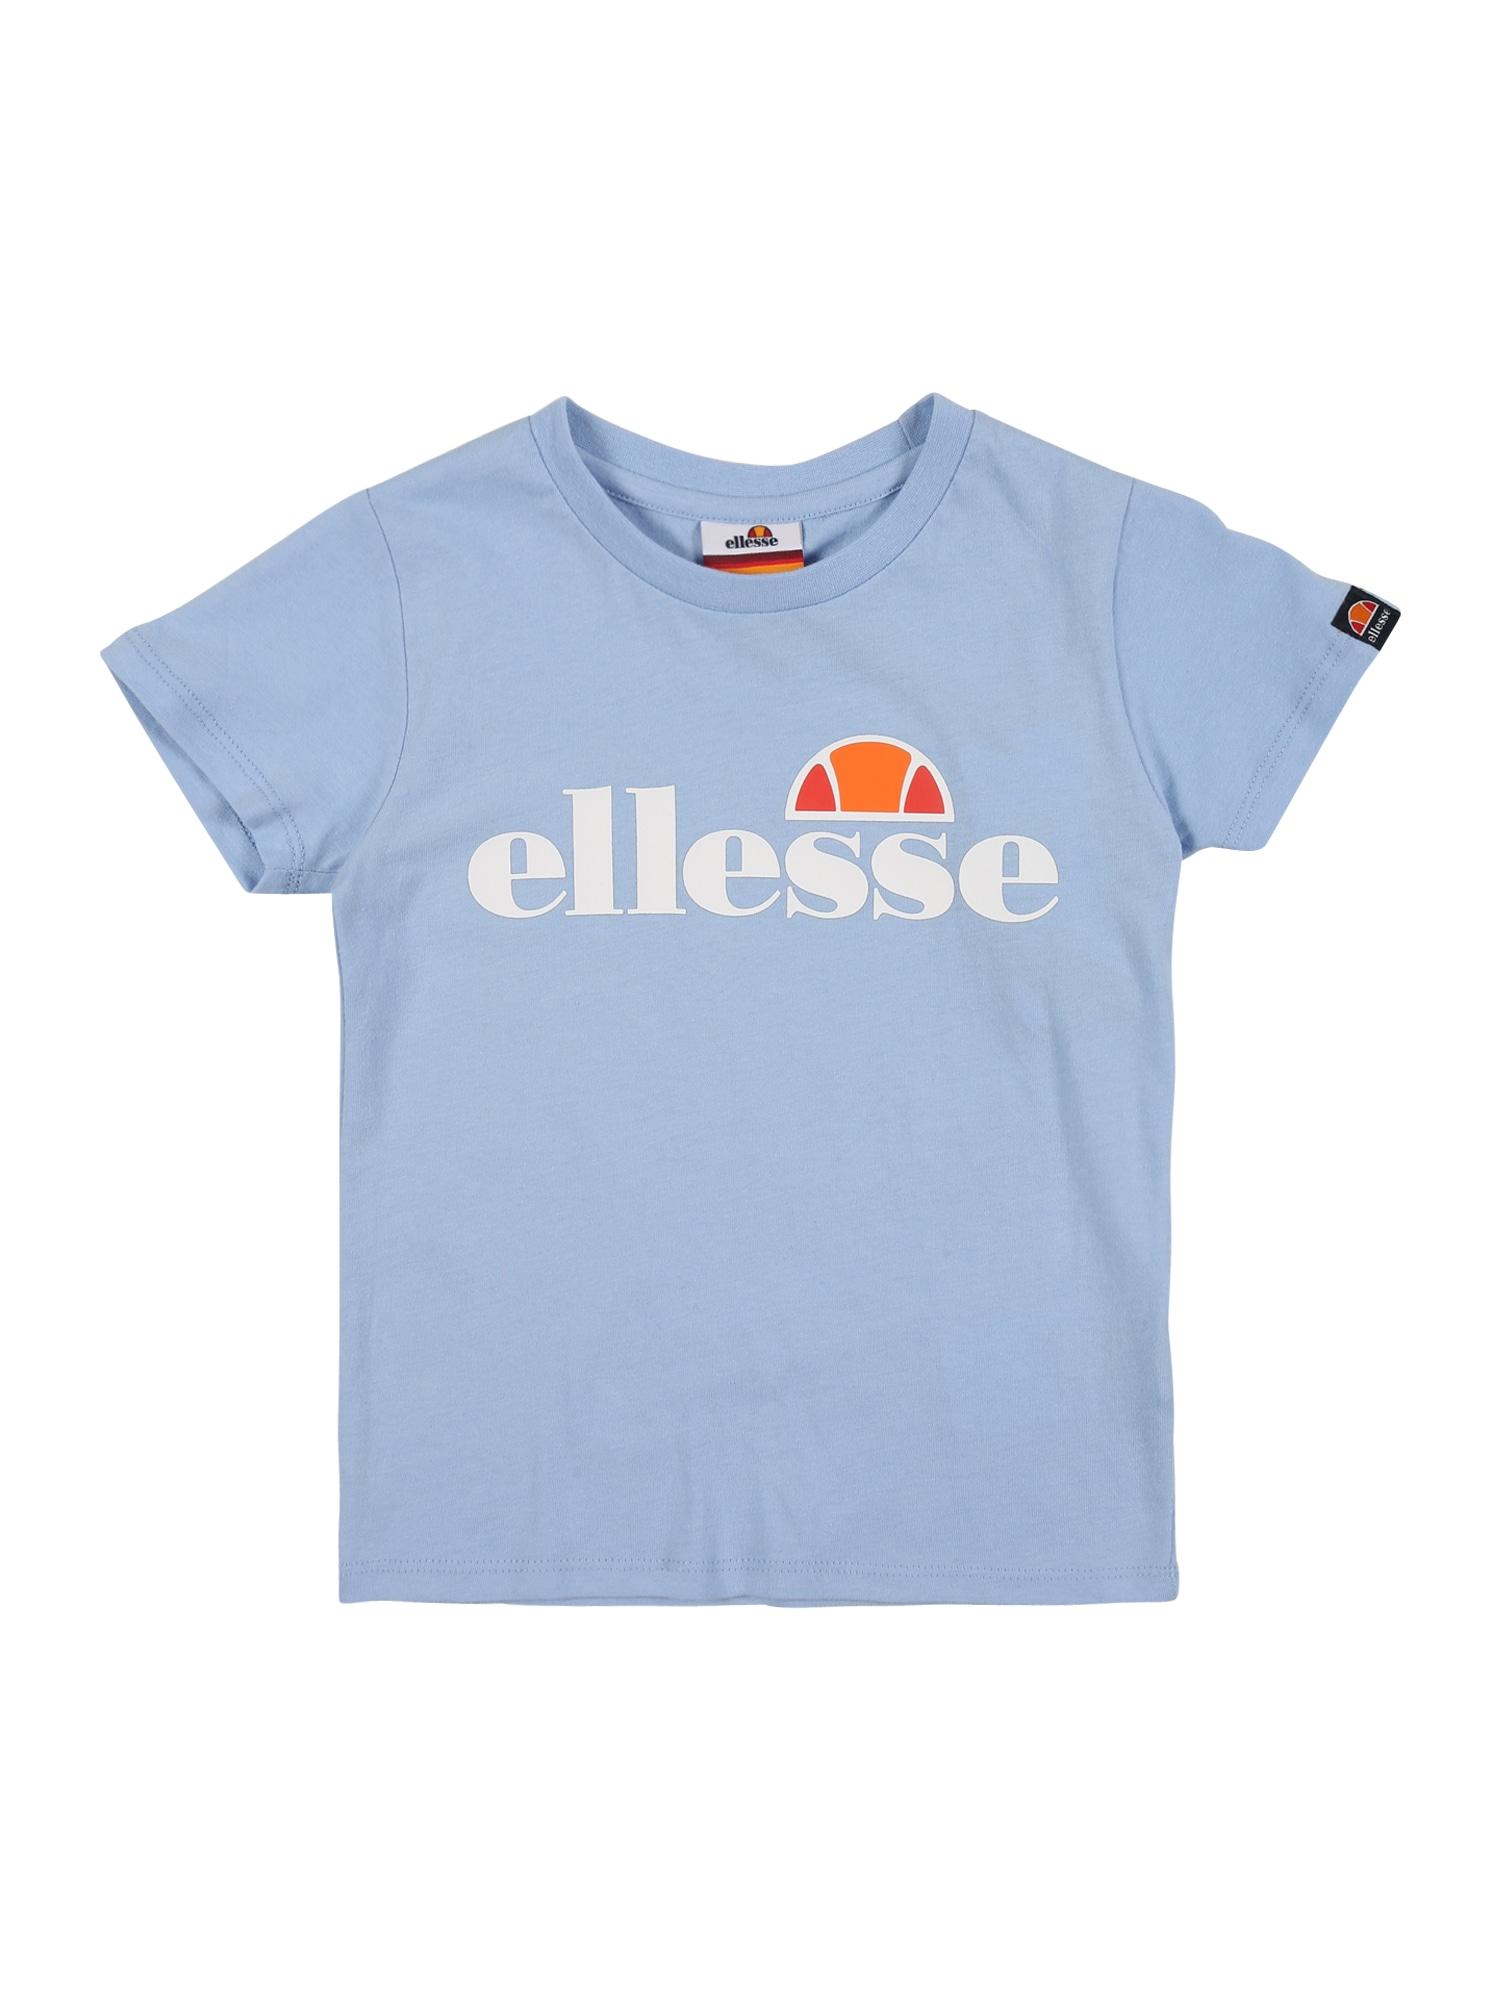 ELLESSE Marškinėliai 'Malia' šviesiai mėlyna / balta